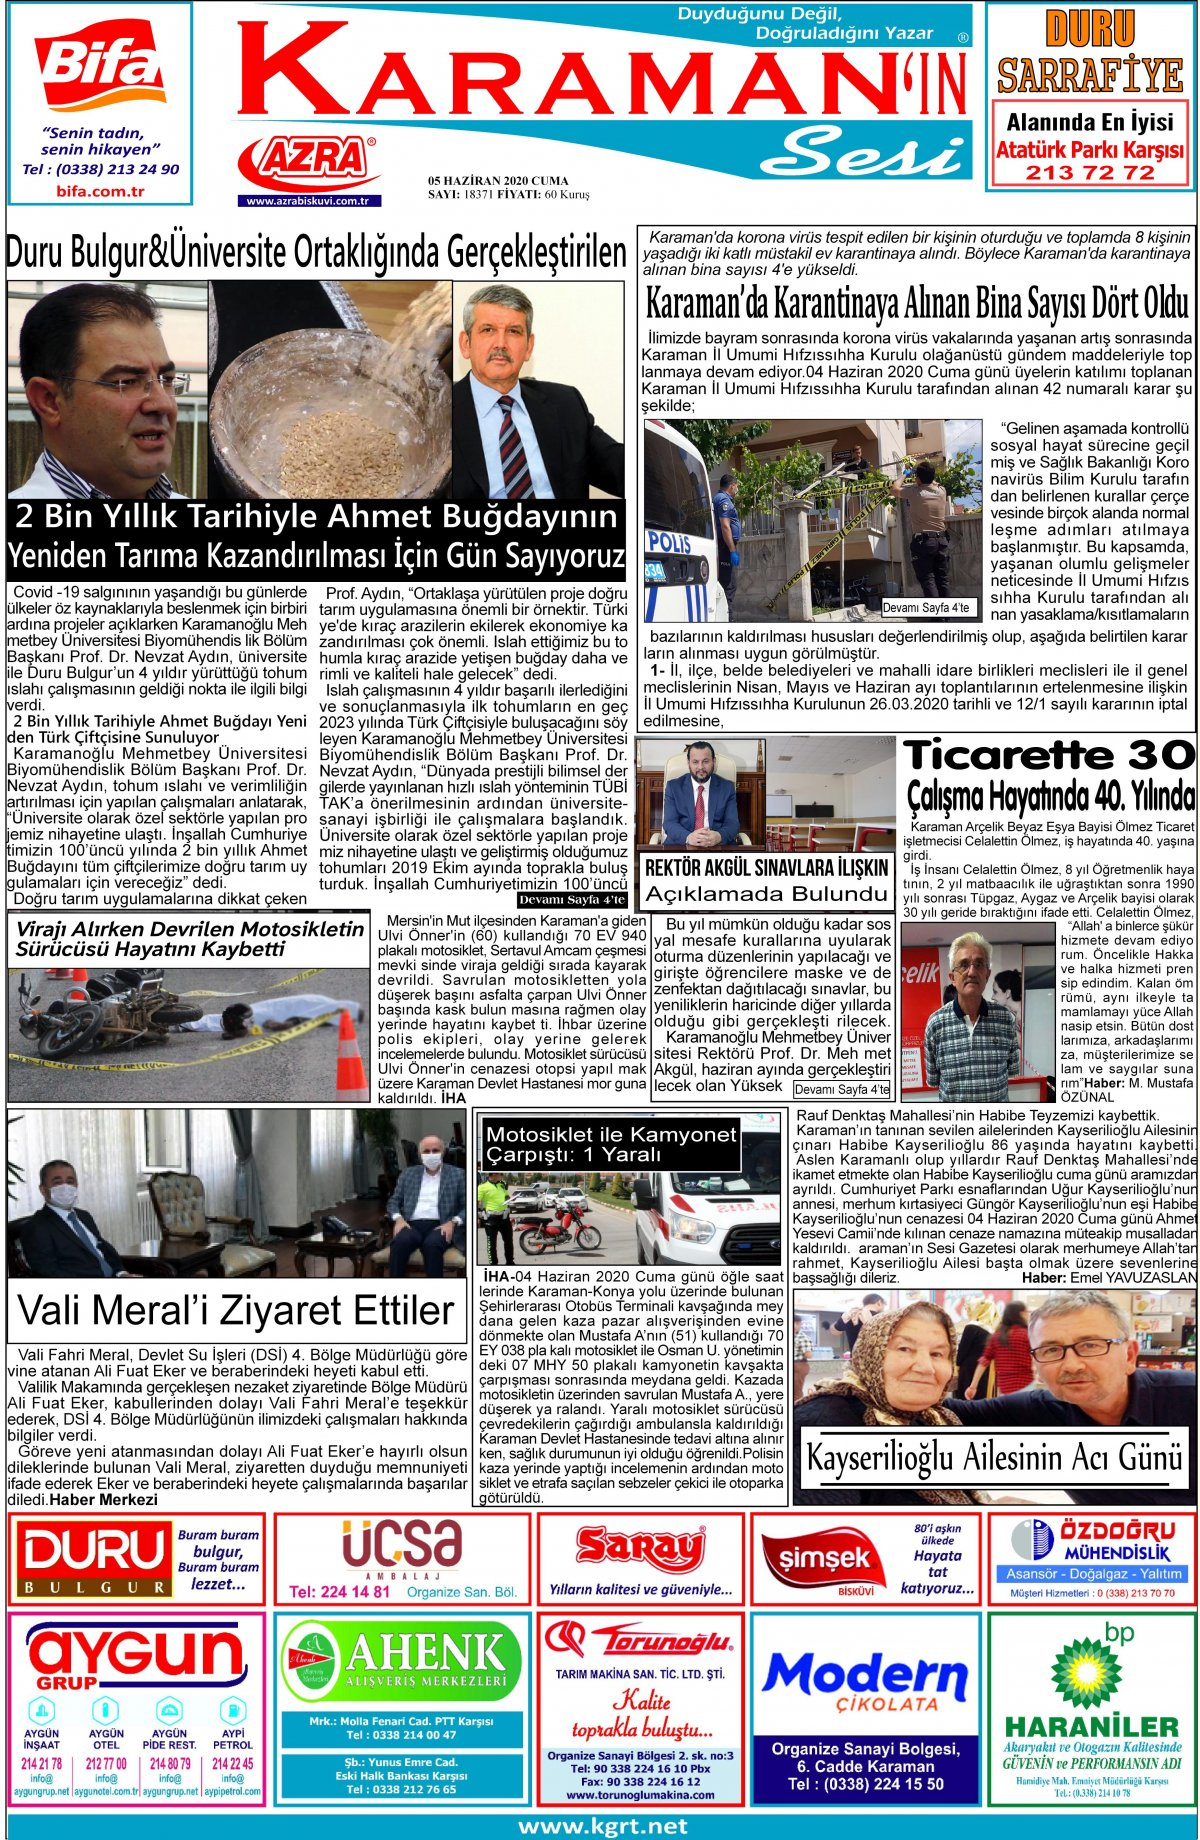 www.kgrt.net | Karaman Haber - 05.06.2020 Manşeti